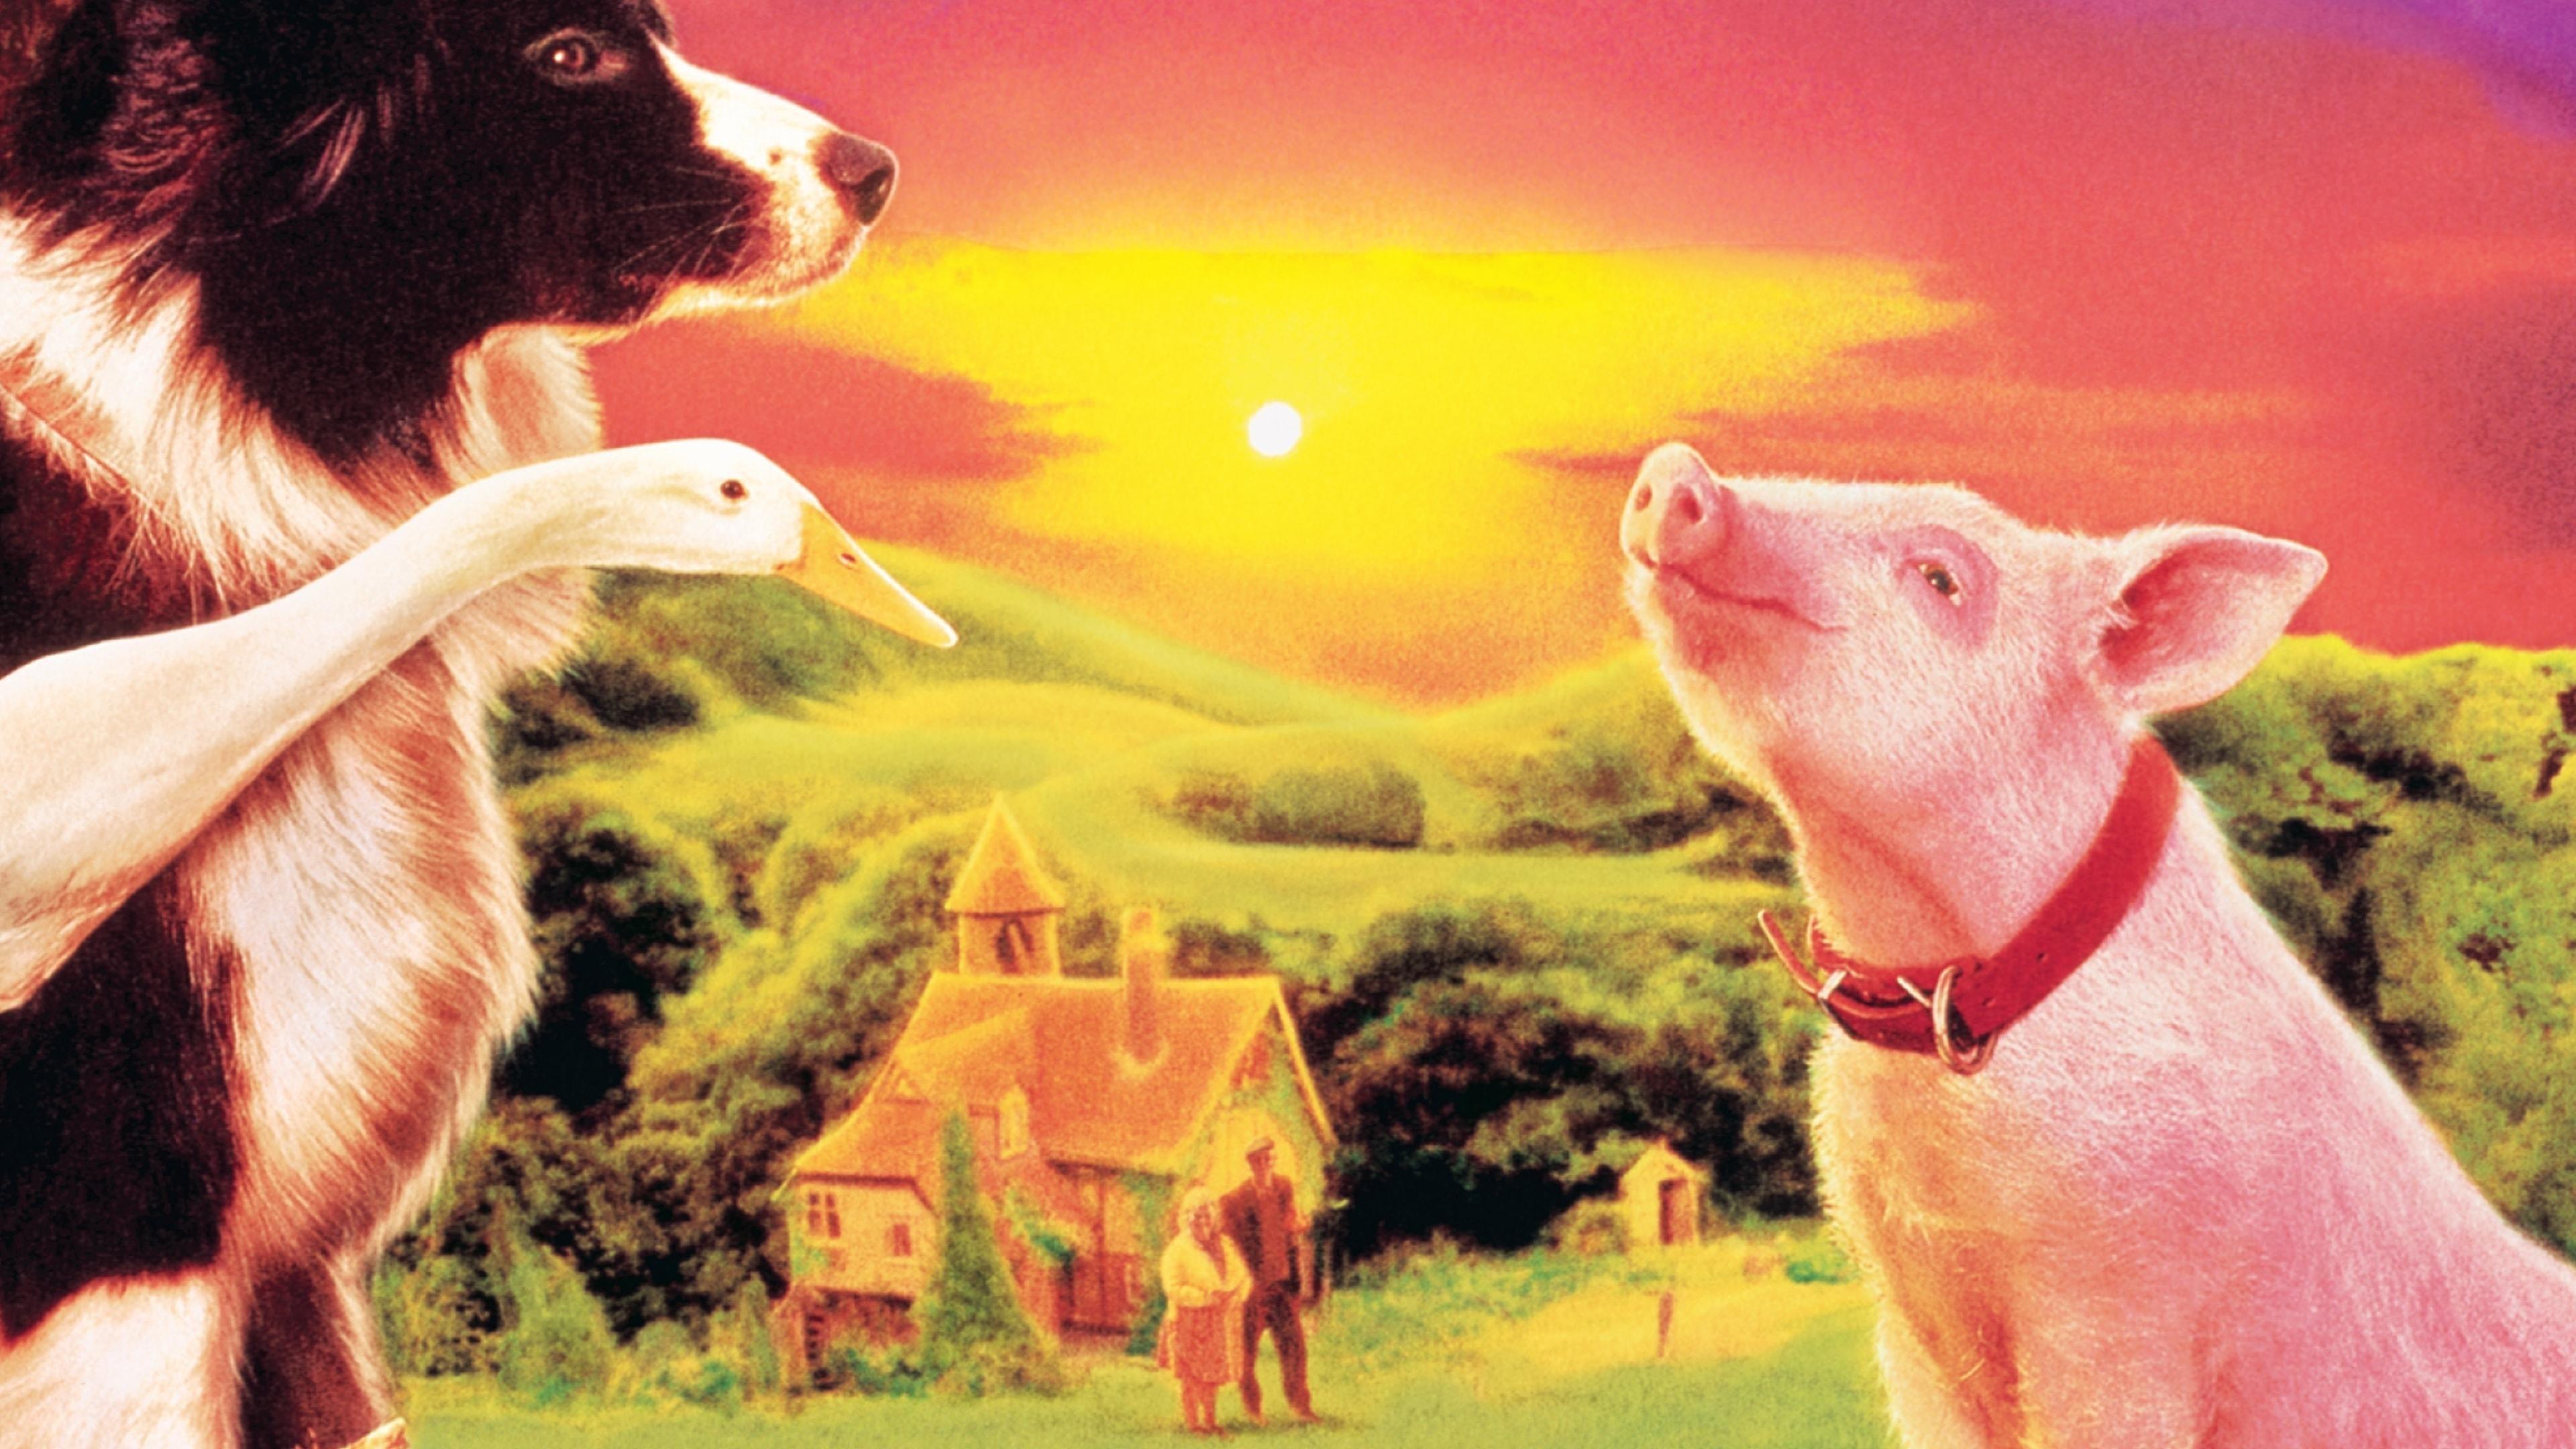 Baixar Babe – O Porquinho Atrapalhado Torrent (1995) Dublado / Dual Áudio 5.1 BluRay 720p | 1080p Download